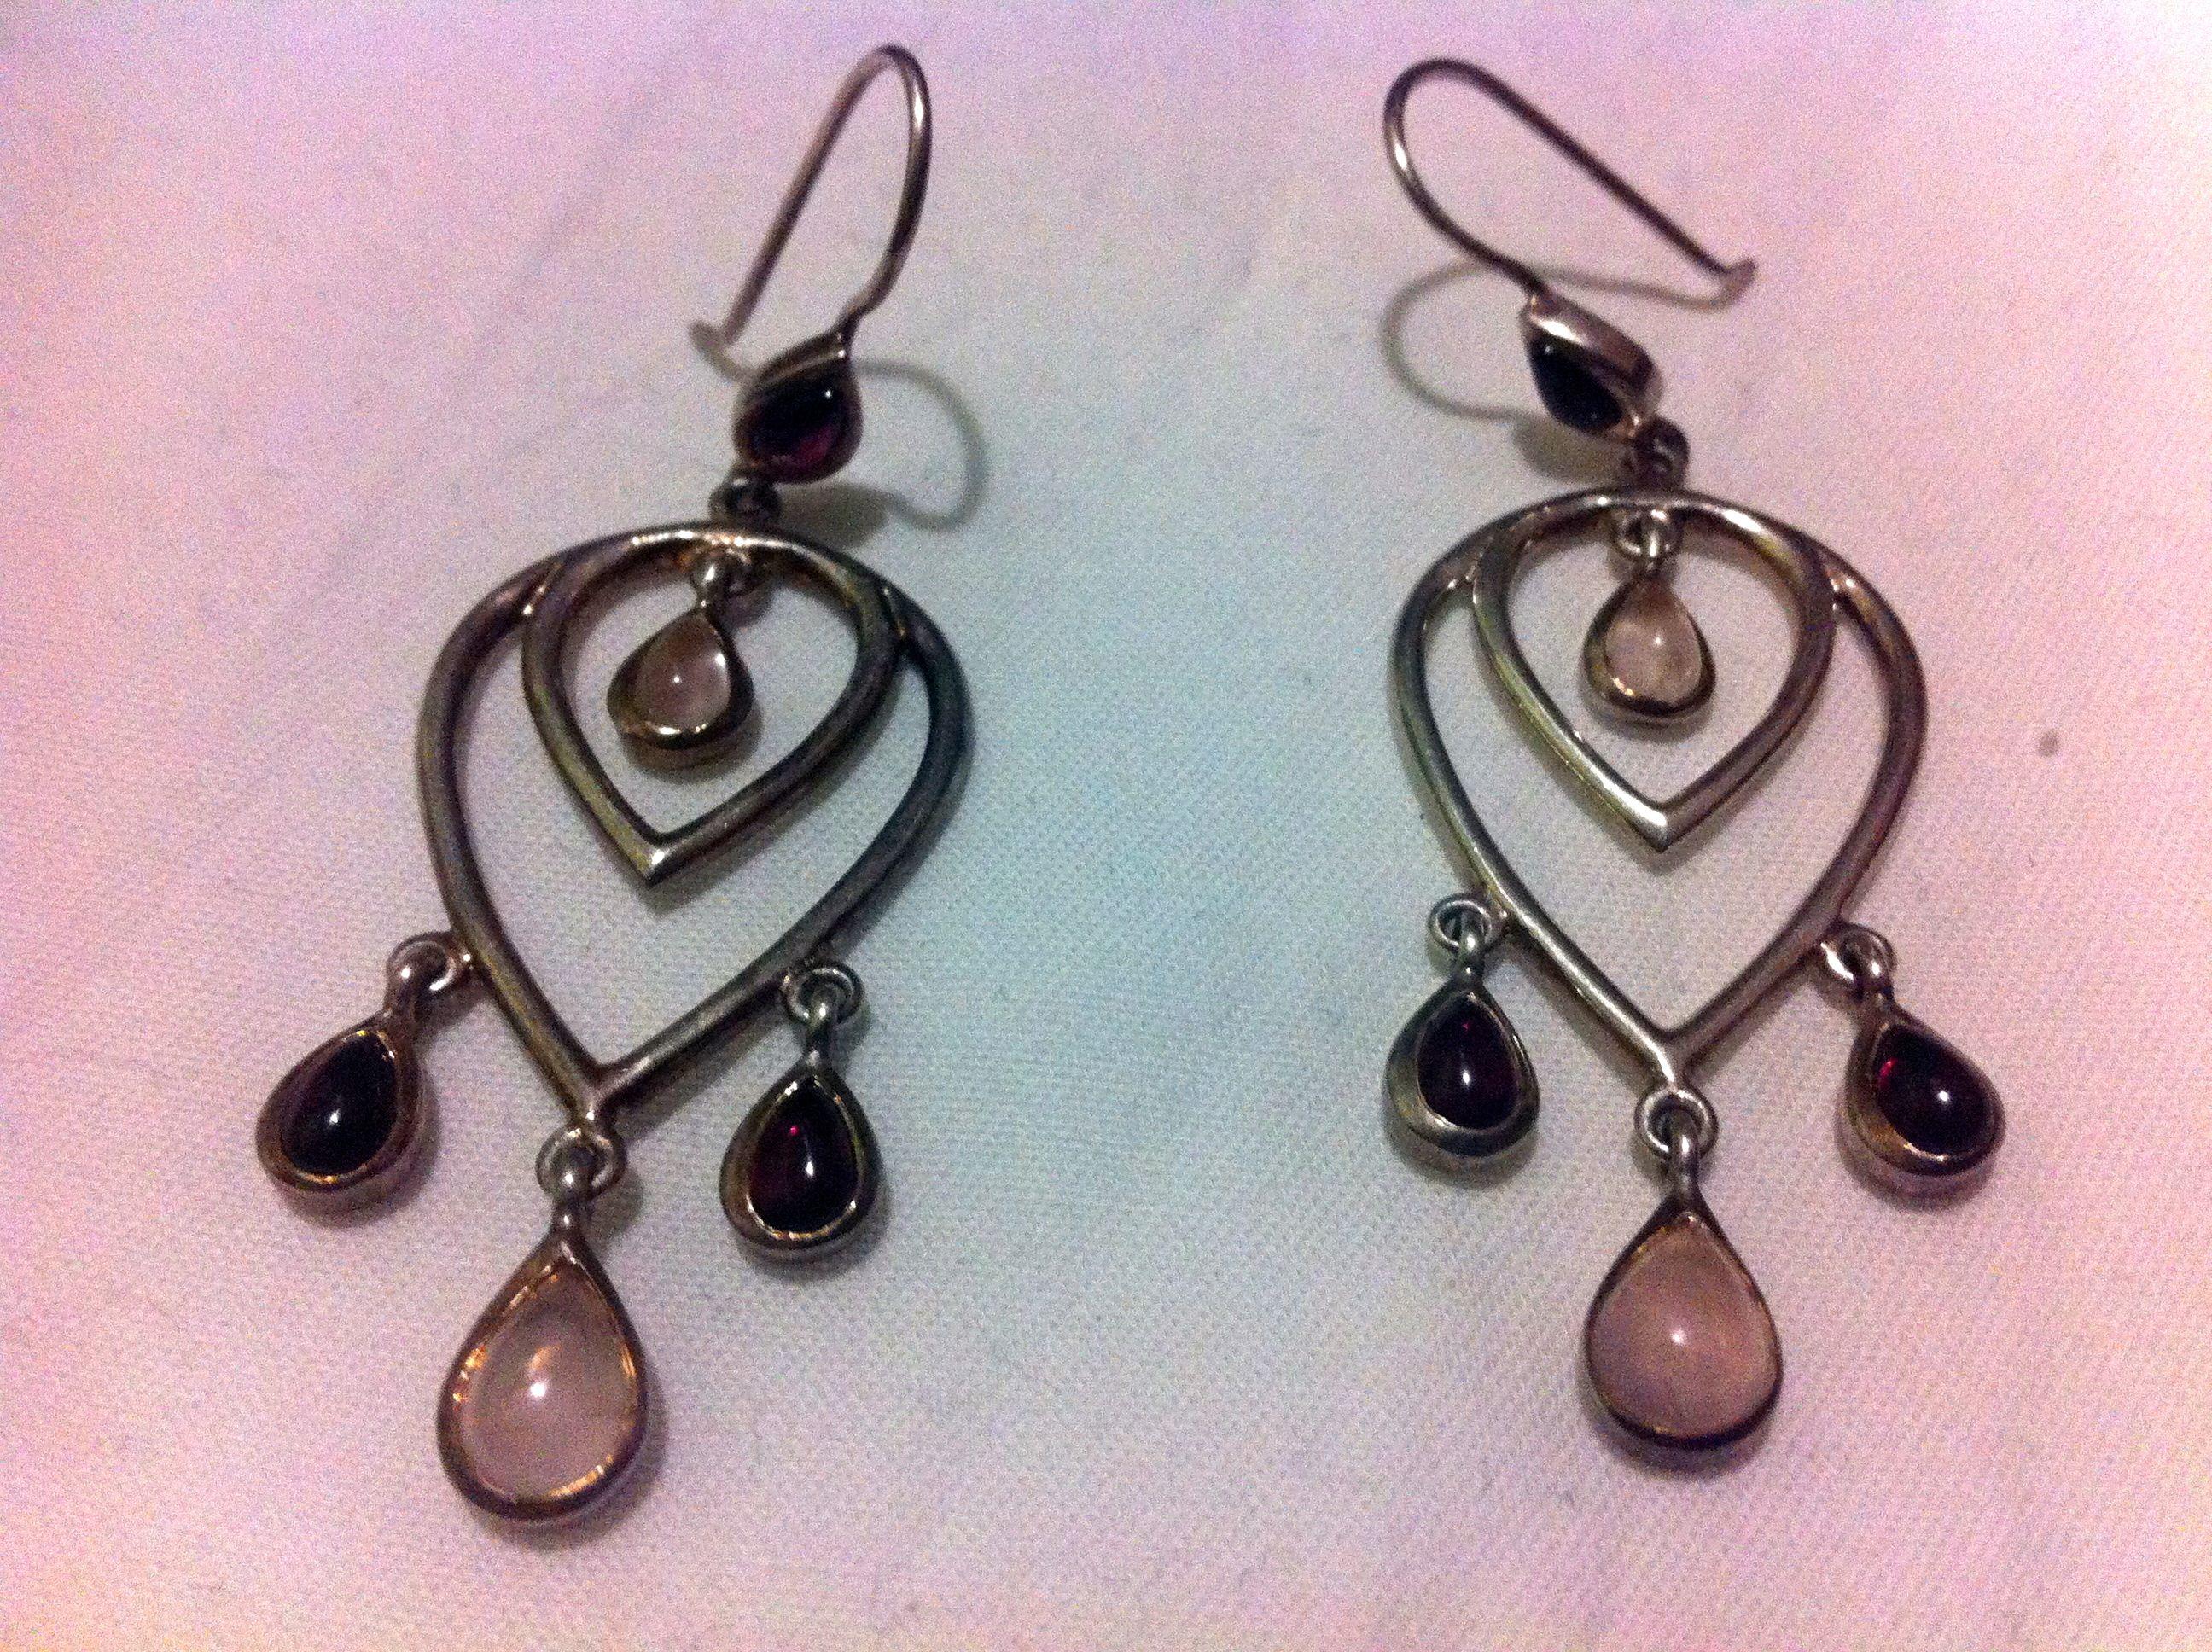 LLOOOVVEE these earrings!